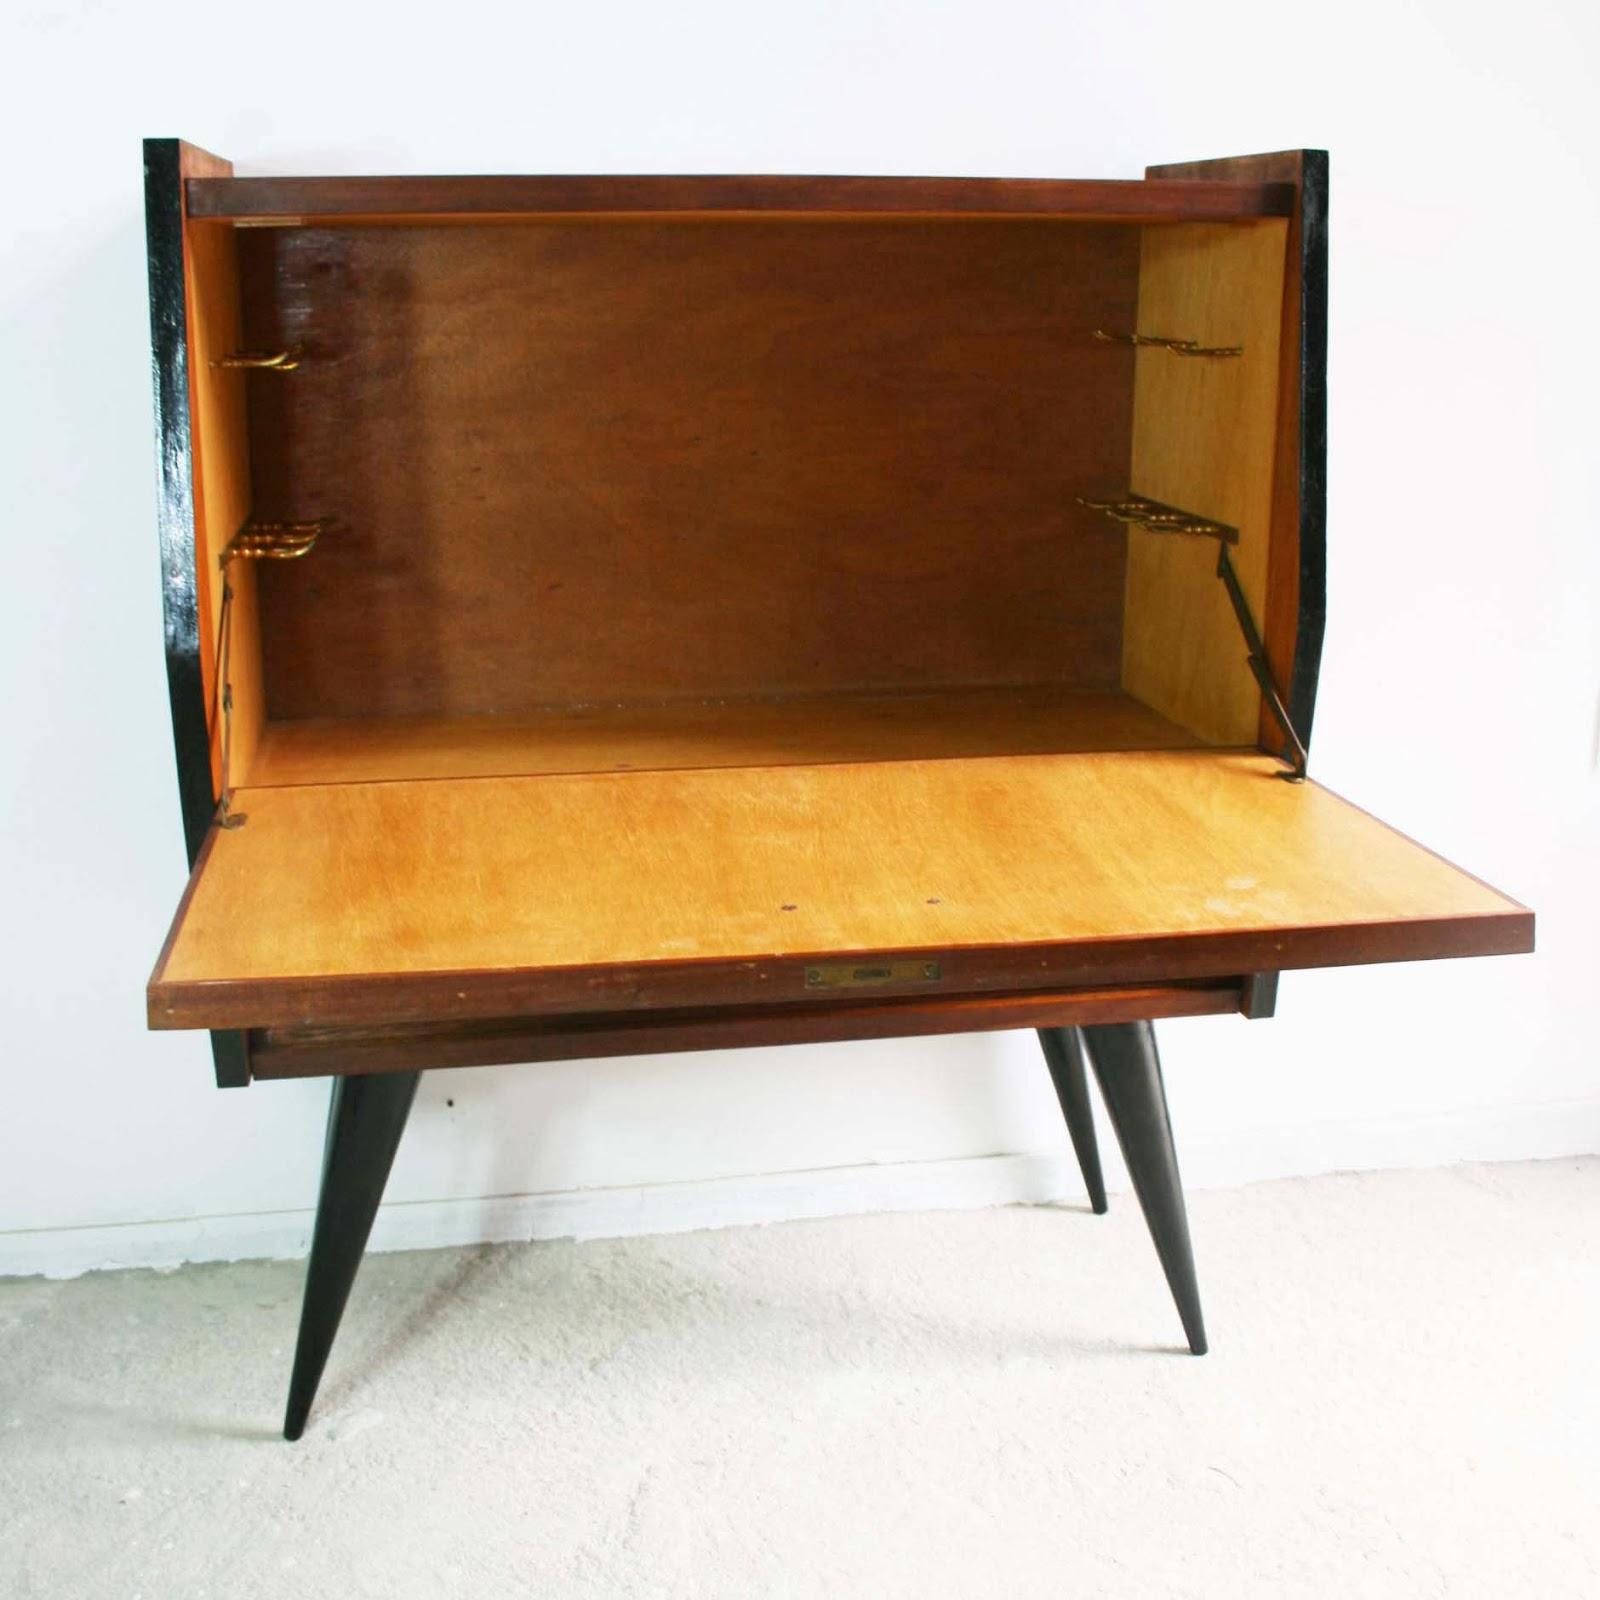 Vendido - Muebles anos 60 ...